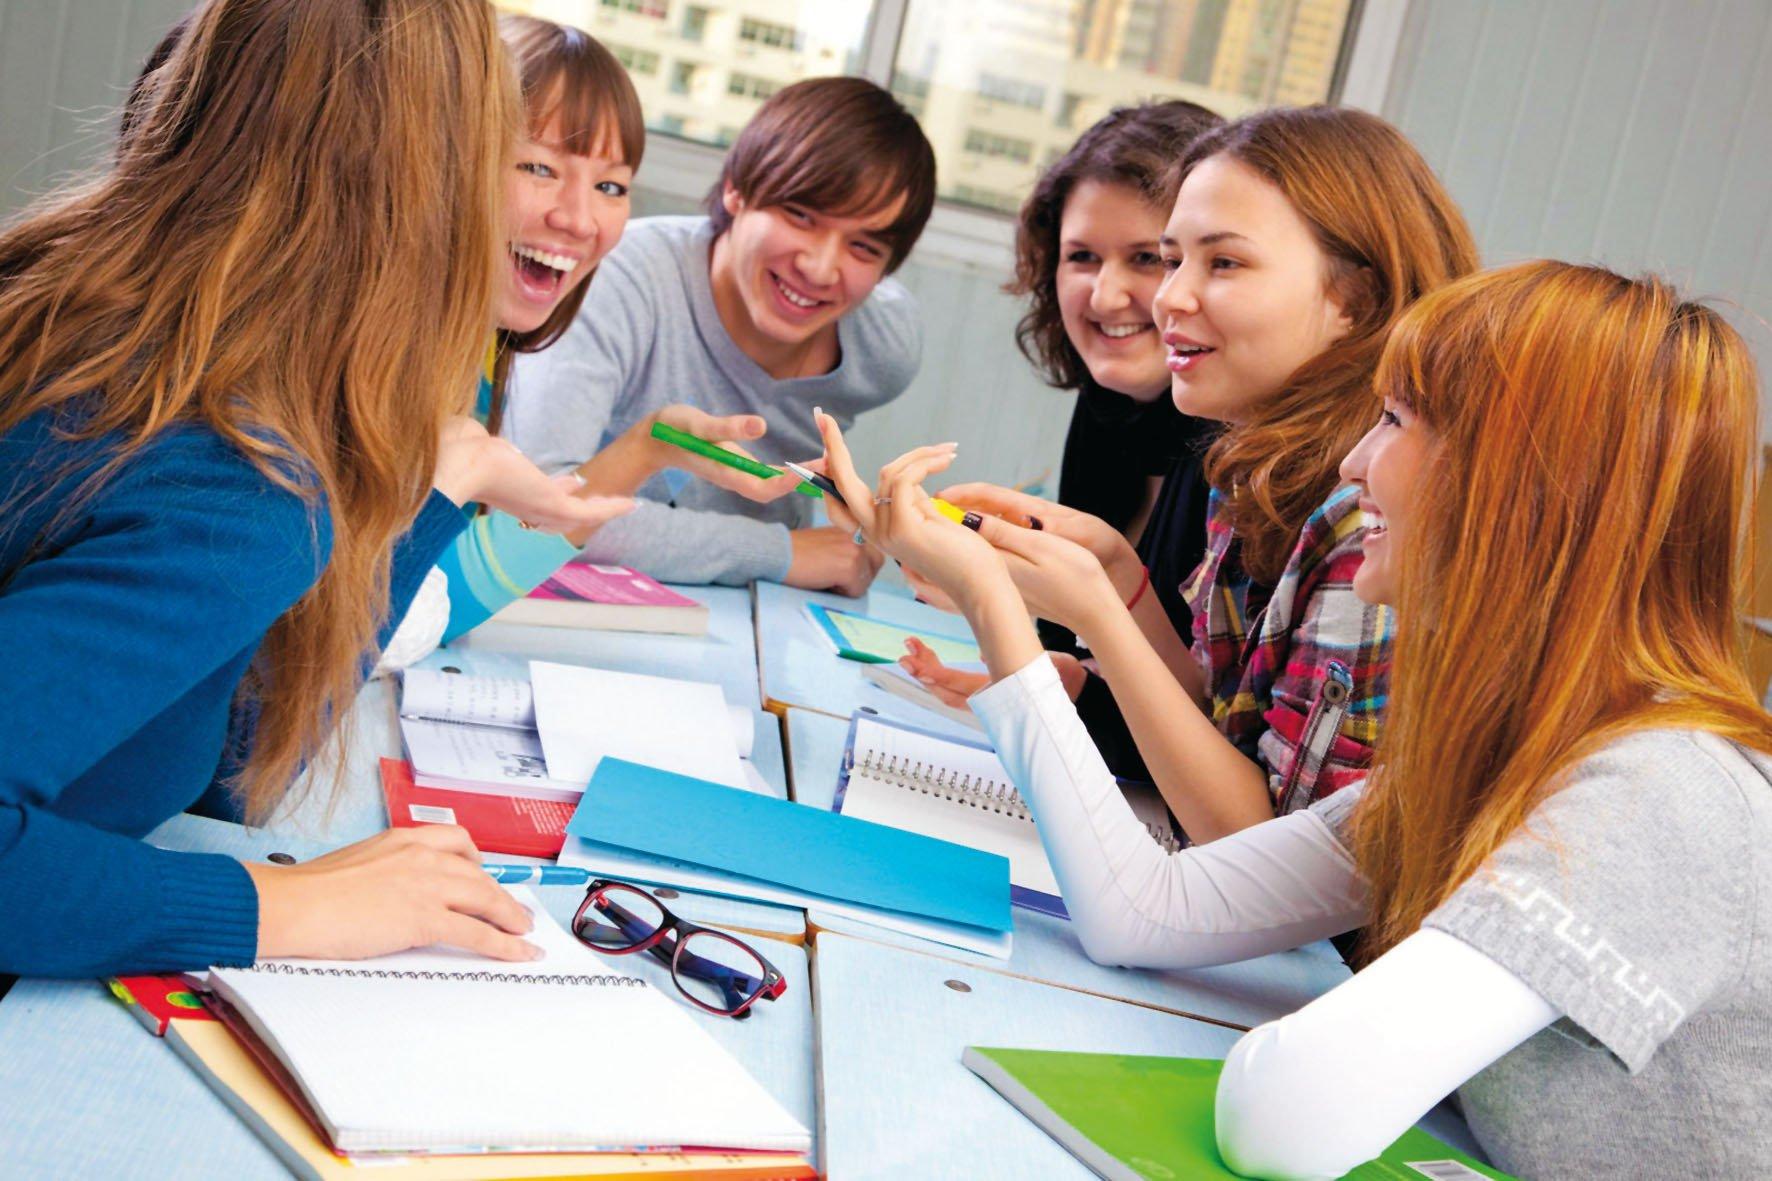 Учебный центр в г. Калуга. Курсы обучения в Калуге ...